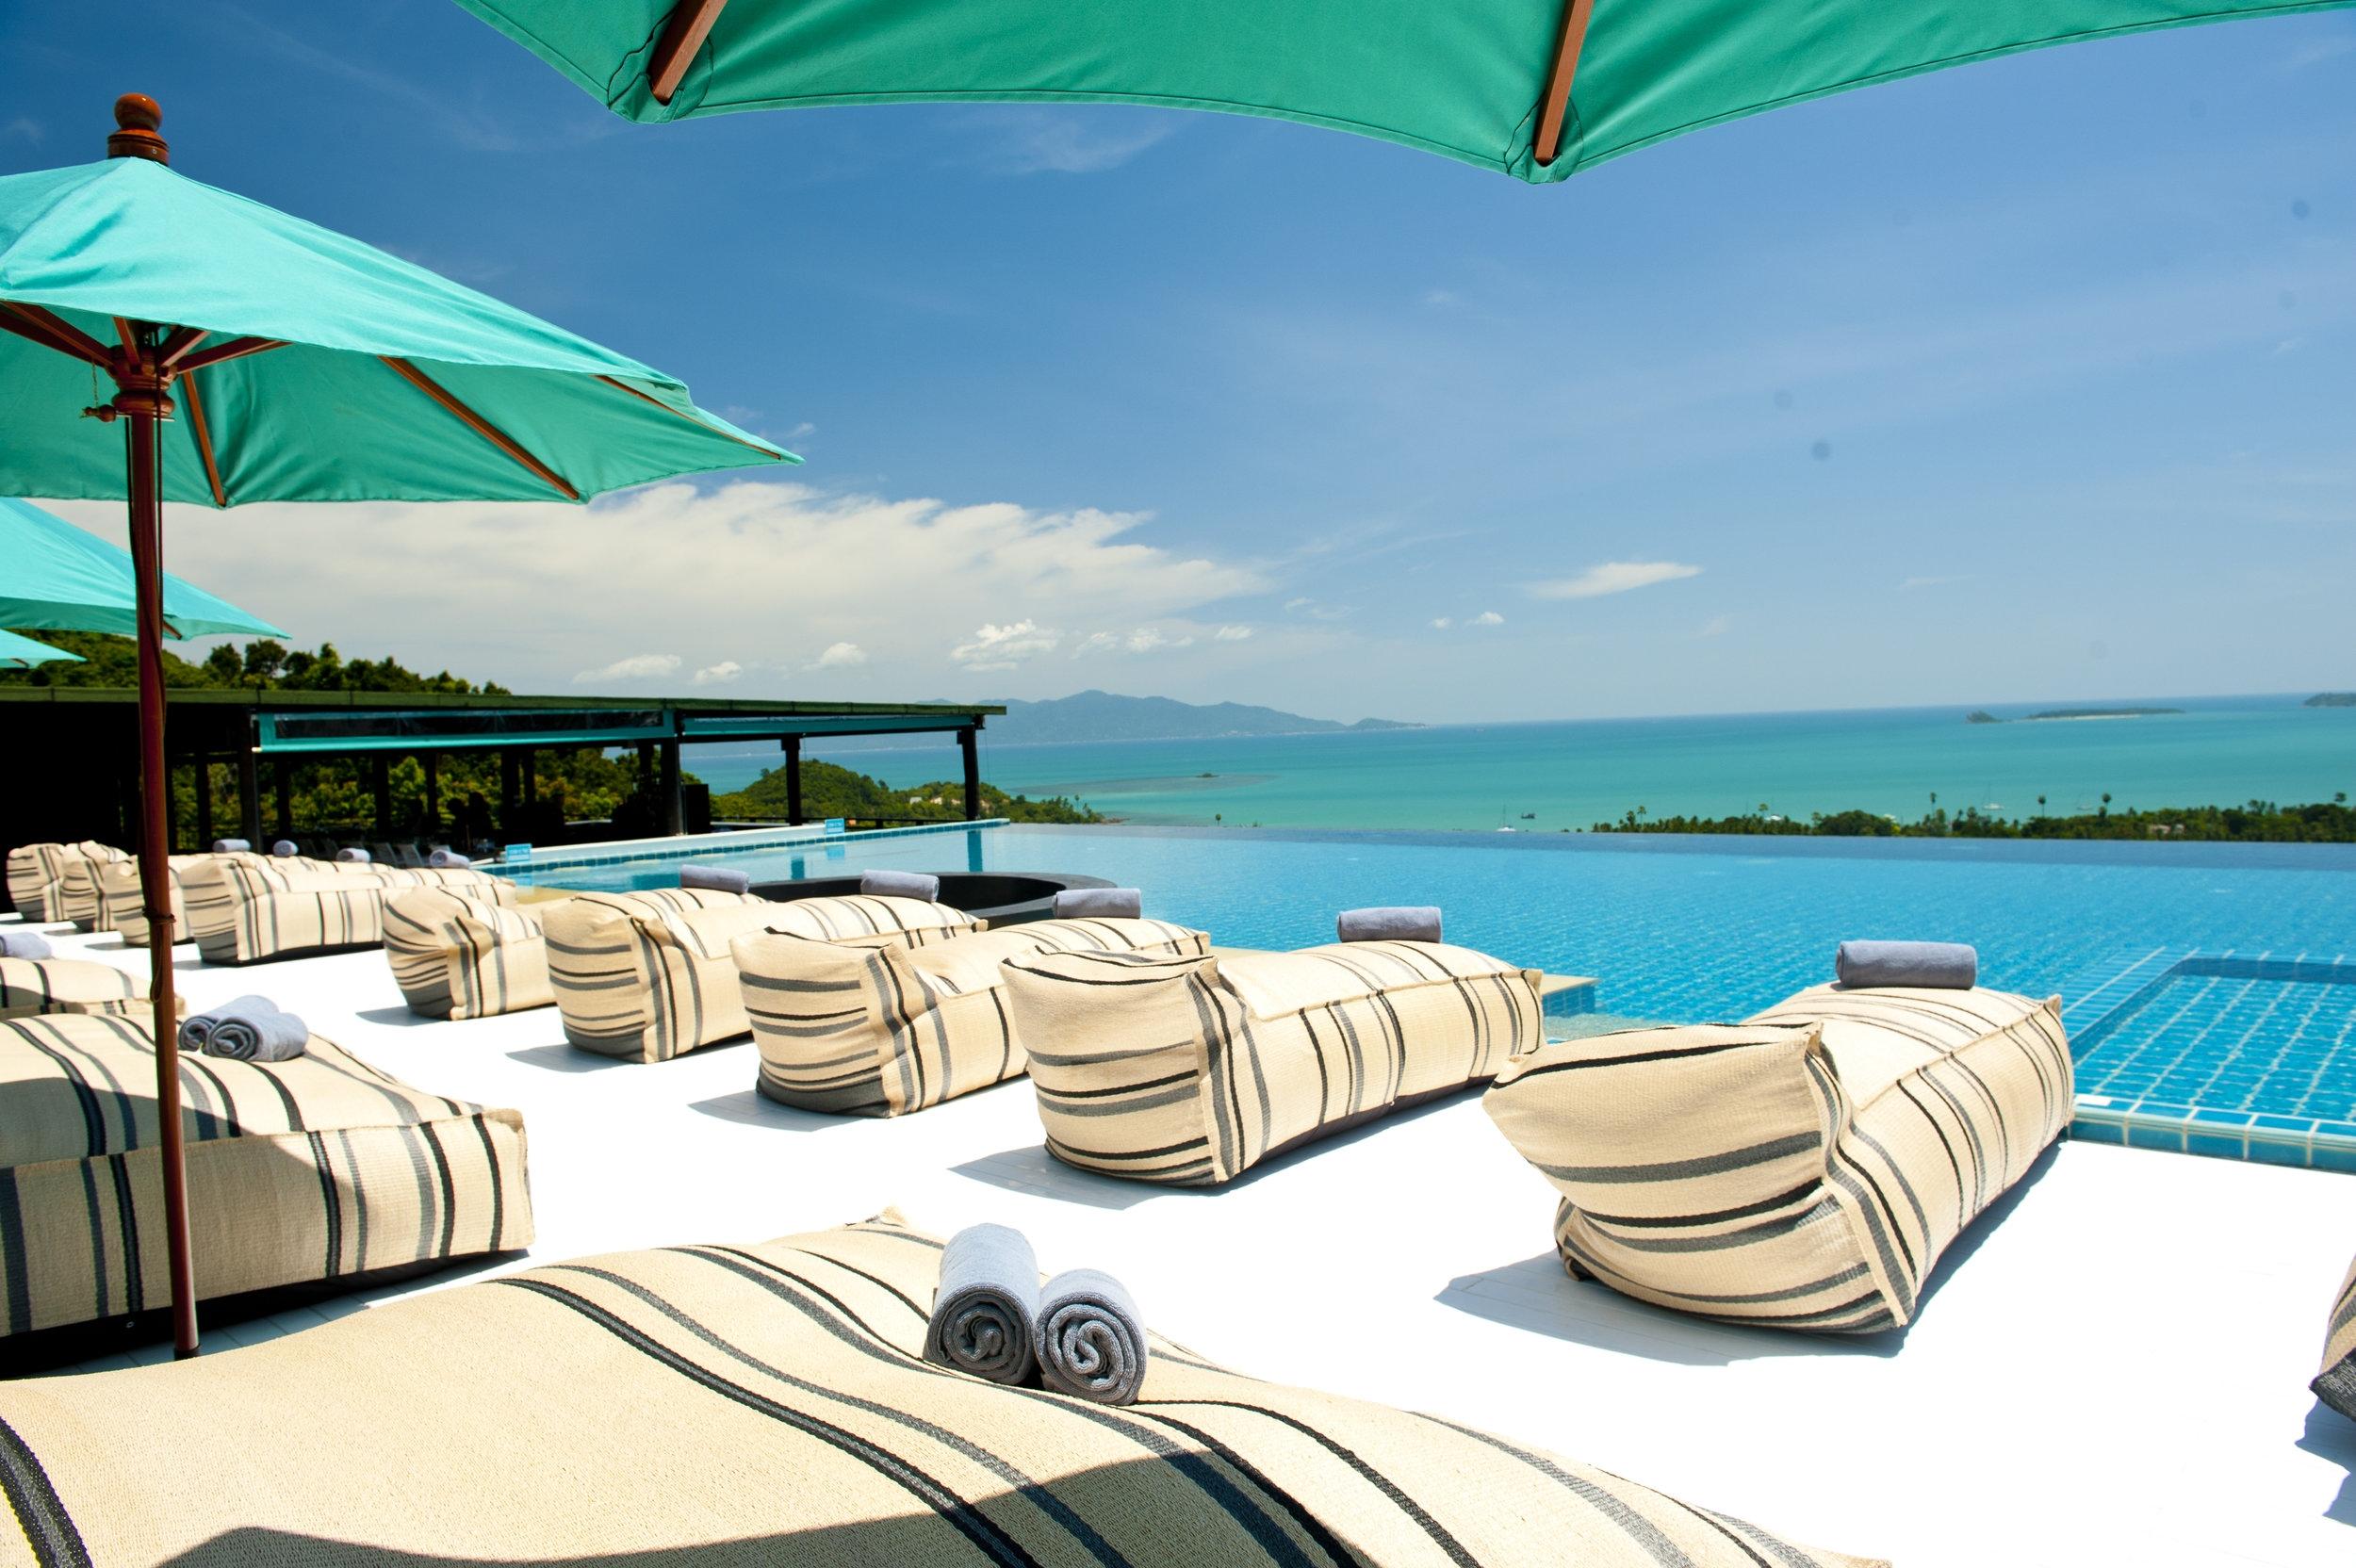 Mantra Samui Resort 5* - Átadva 2011. December